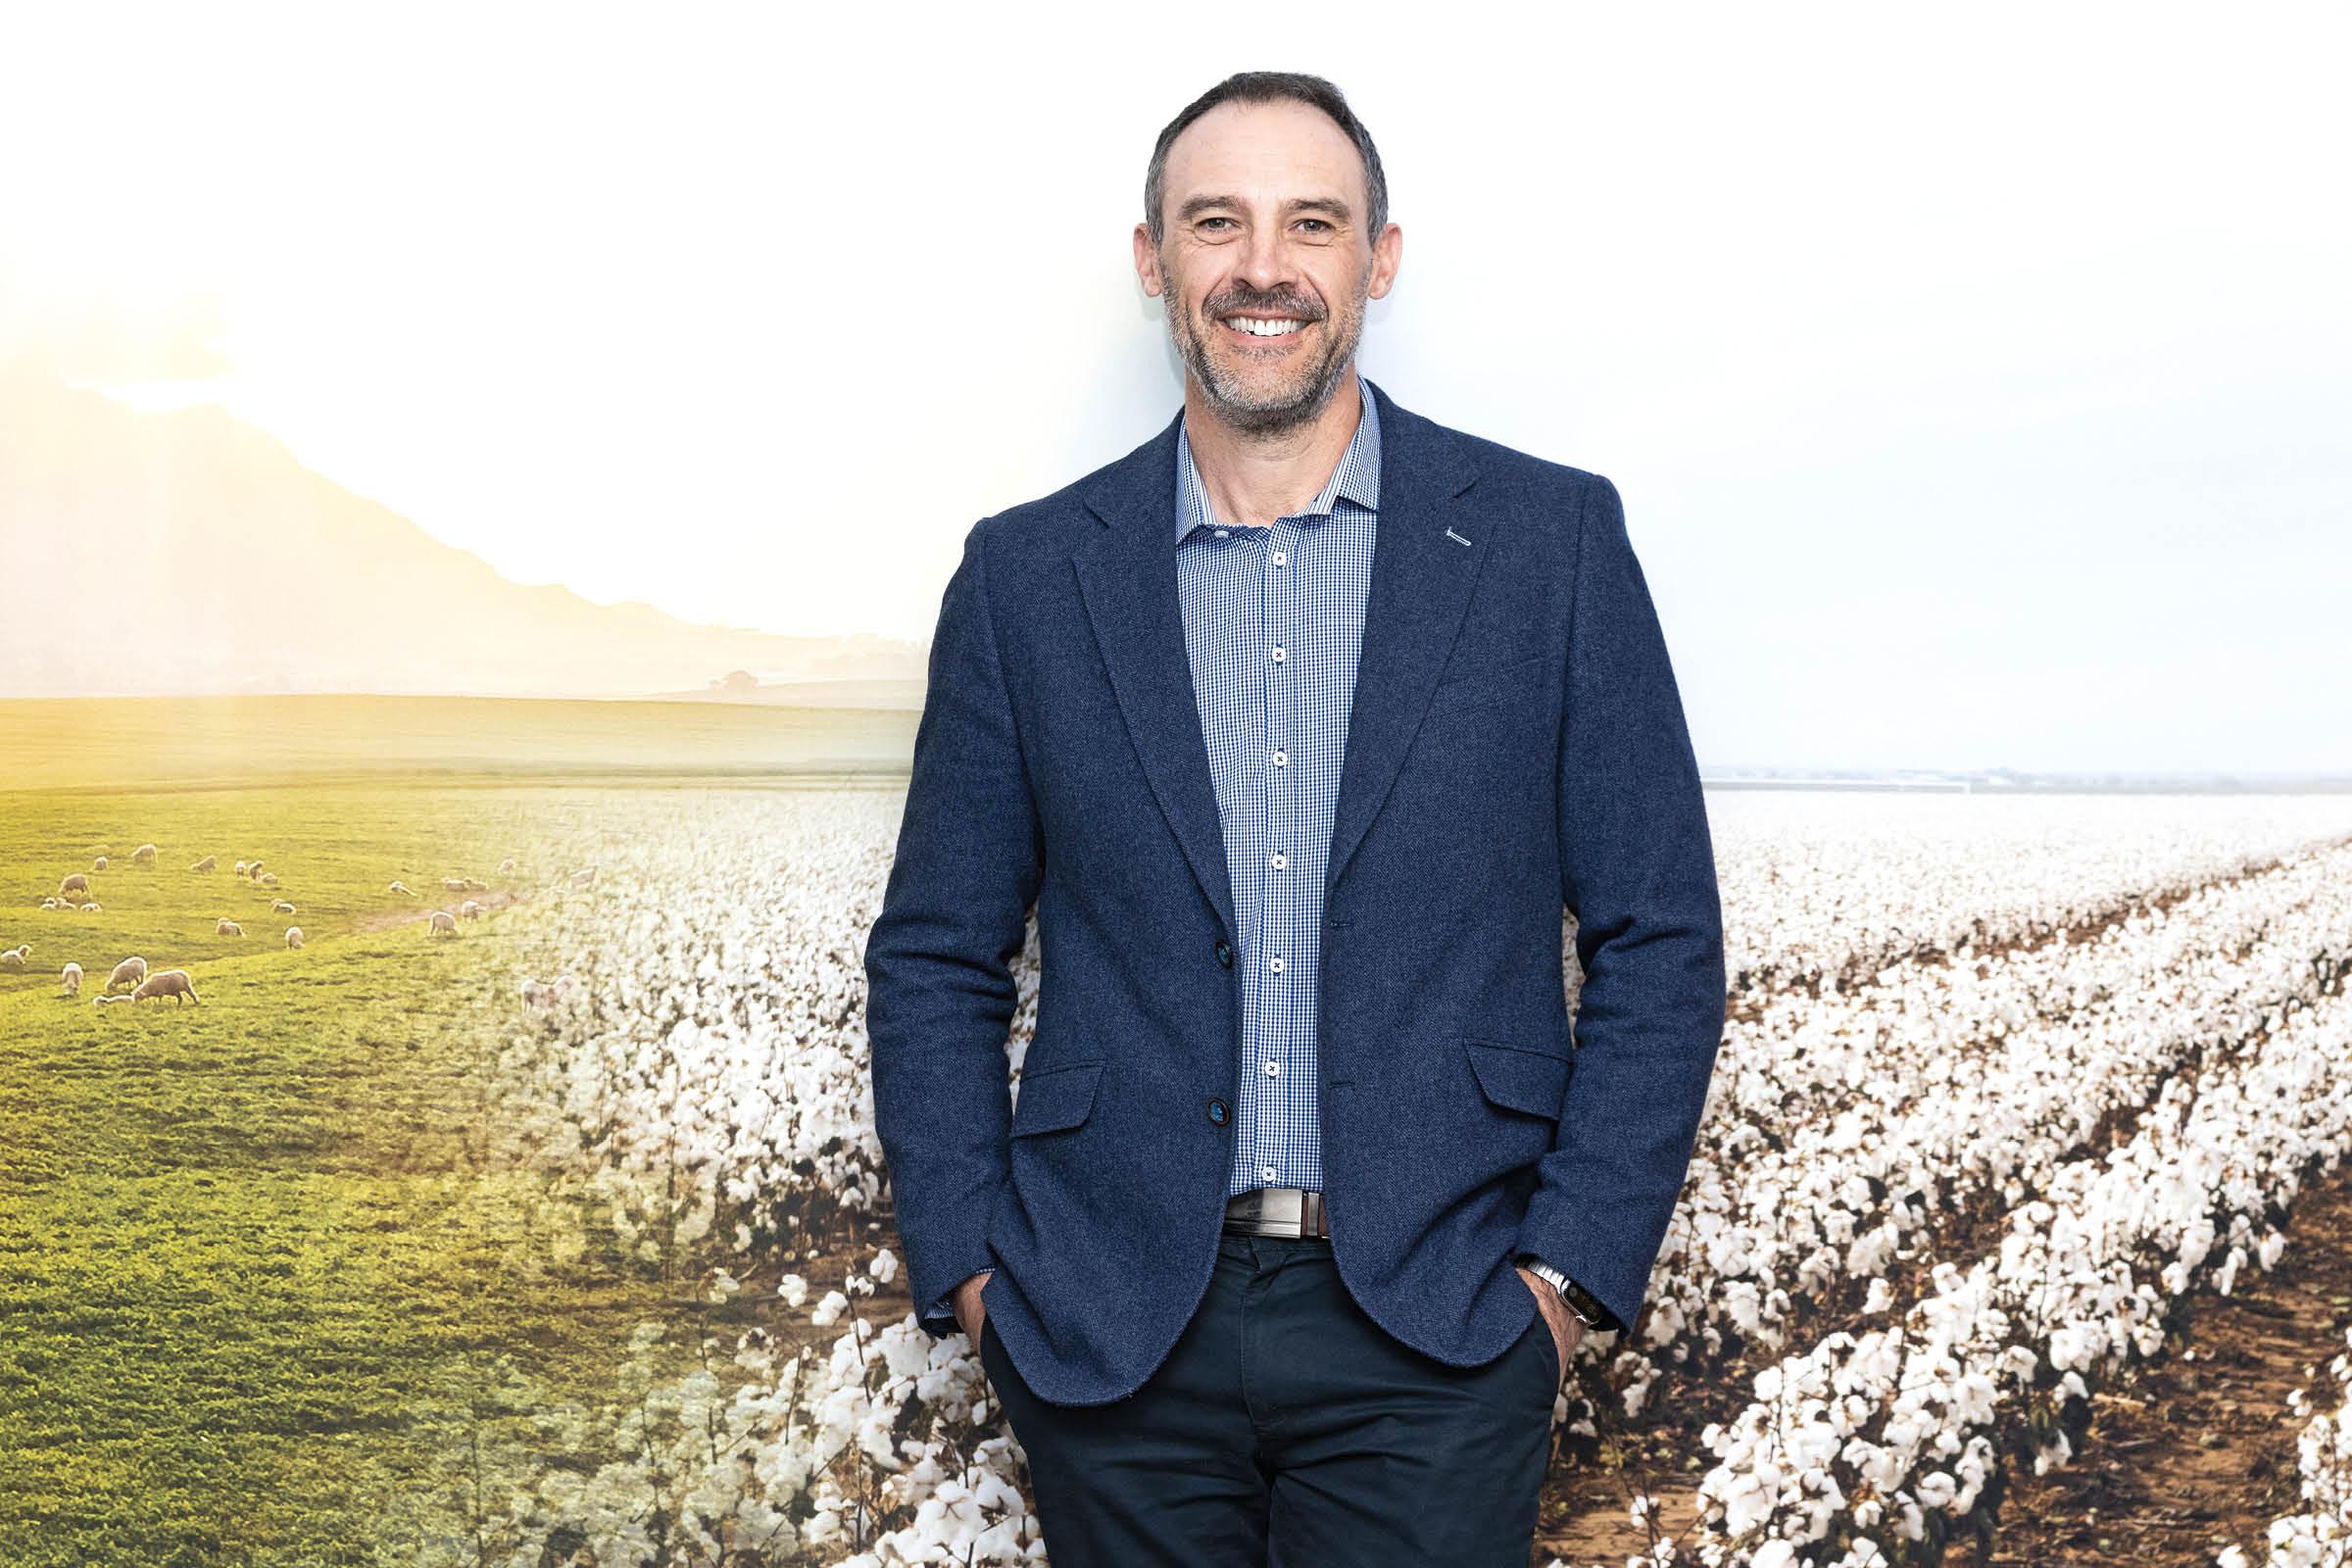 Tony Pearson, CEO of AH Beard